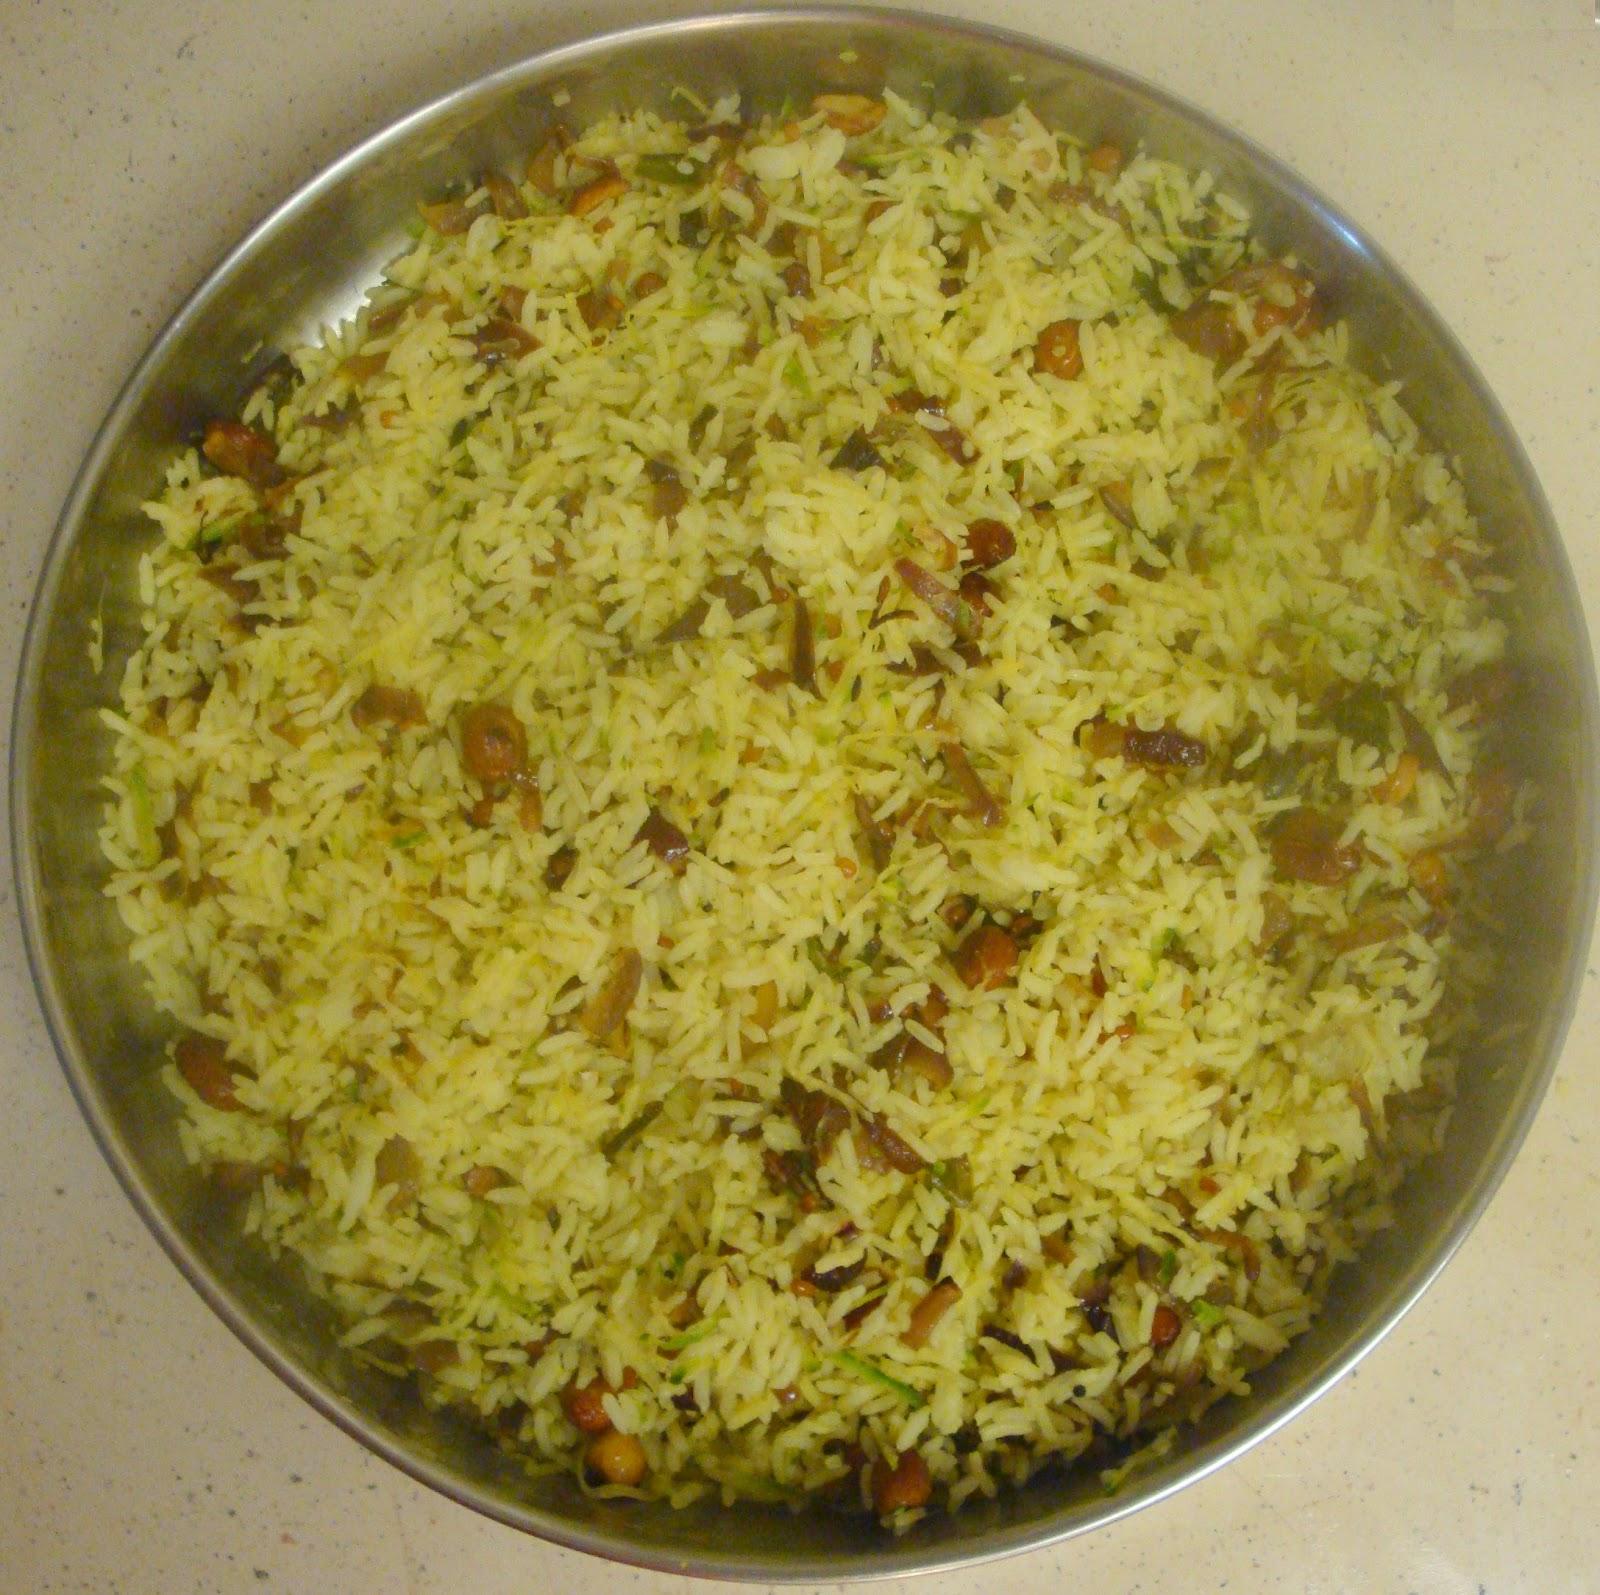 Indian Recipes: Nimbe Chitranna (Lemon Rice)